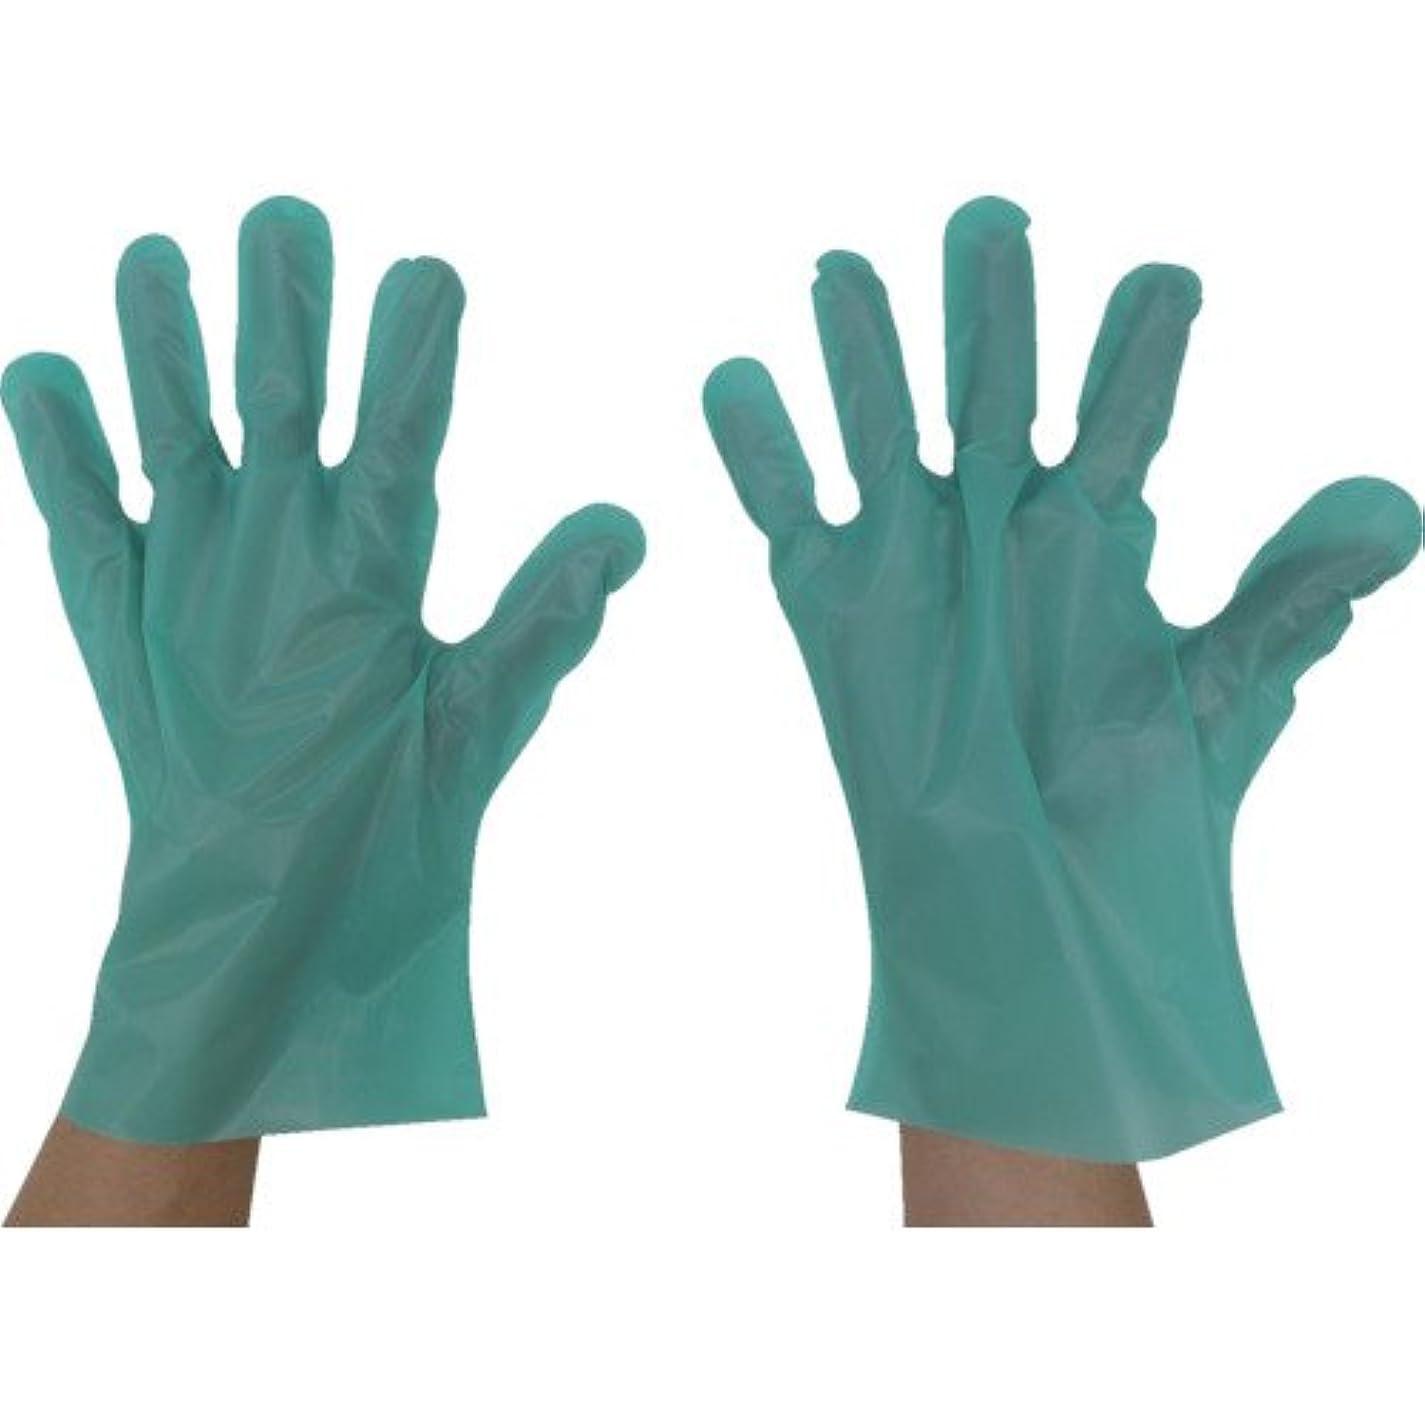 予測する未亡人精神東京パック エンボス手袋五本絞りエコノミー化粧箱M グリーン(入数:200枚) GEK-M